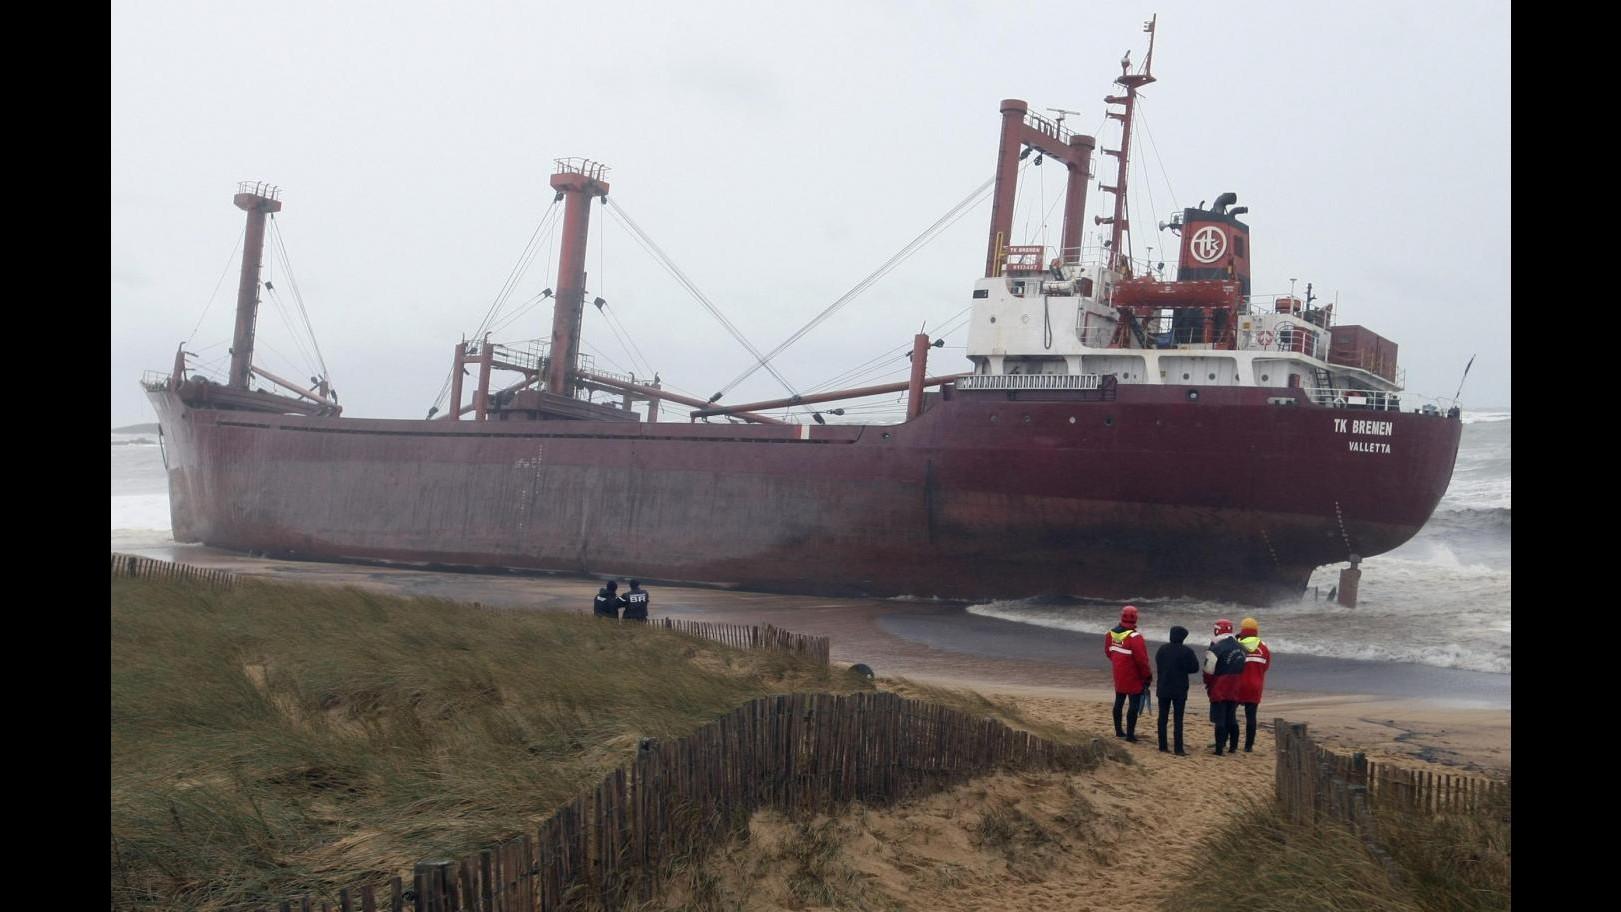 Francia, fouriuscita di petrolio da nave cargo arenata in Bretagna